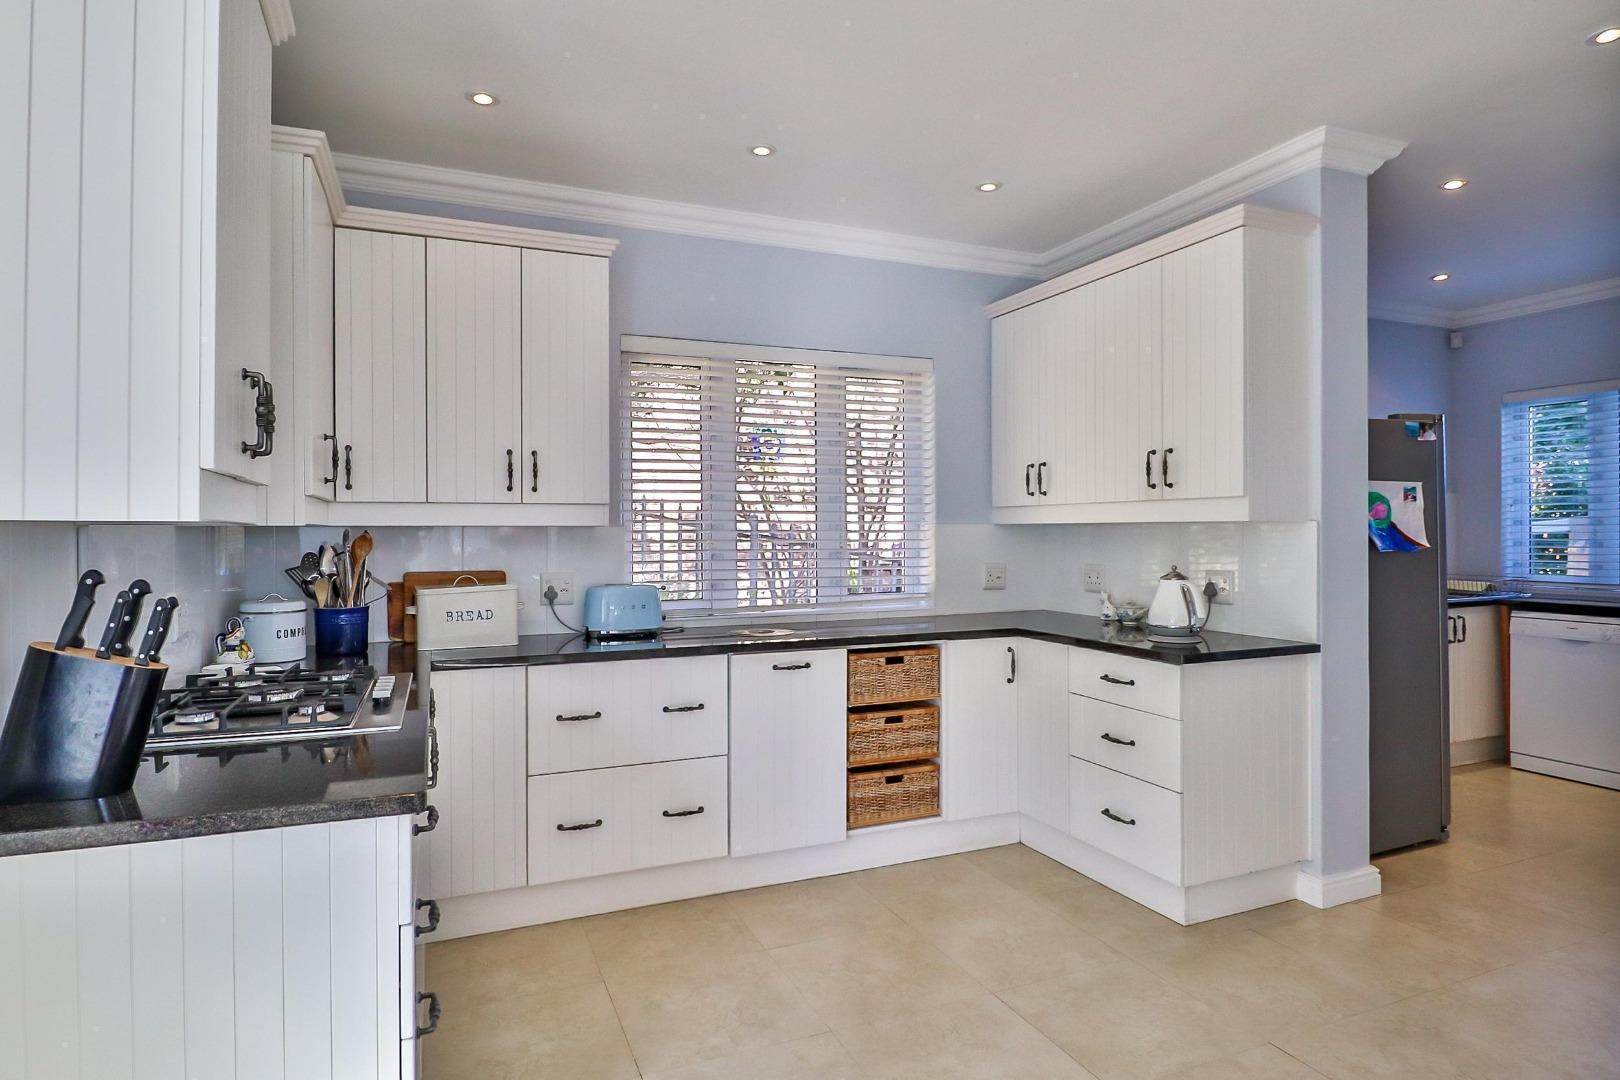 4 Bedroom House For Sale in Zeegezicht